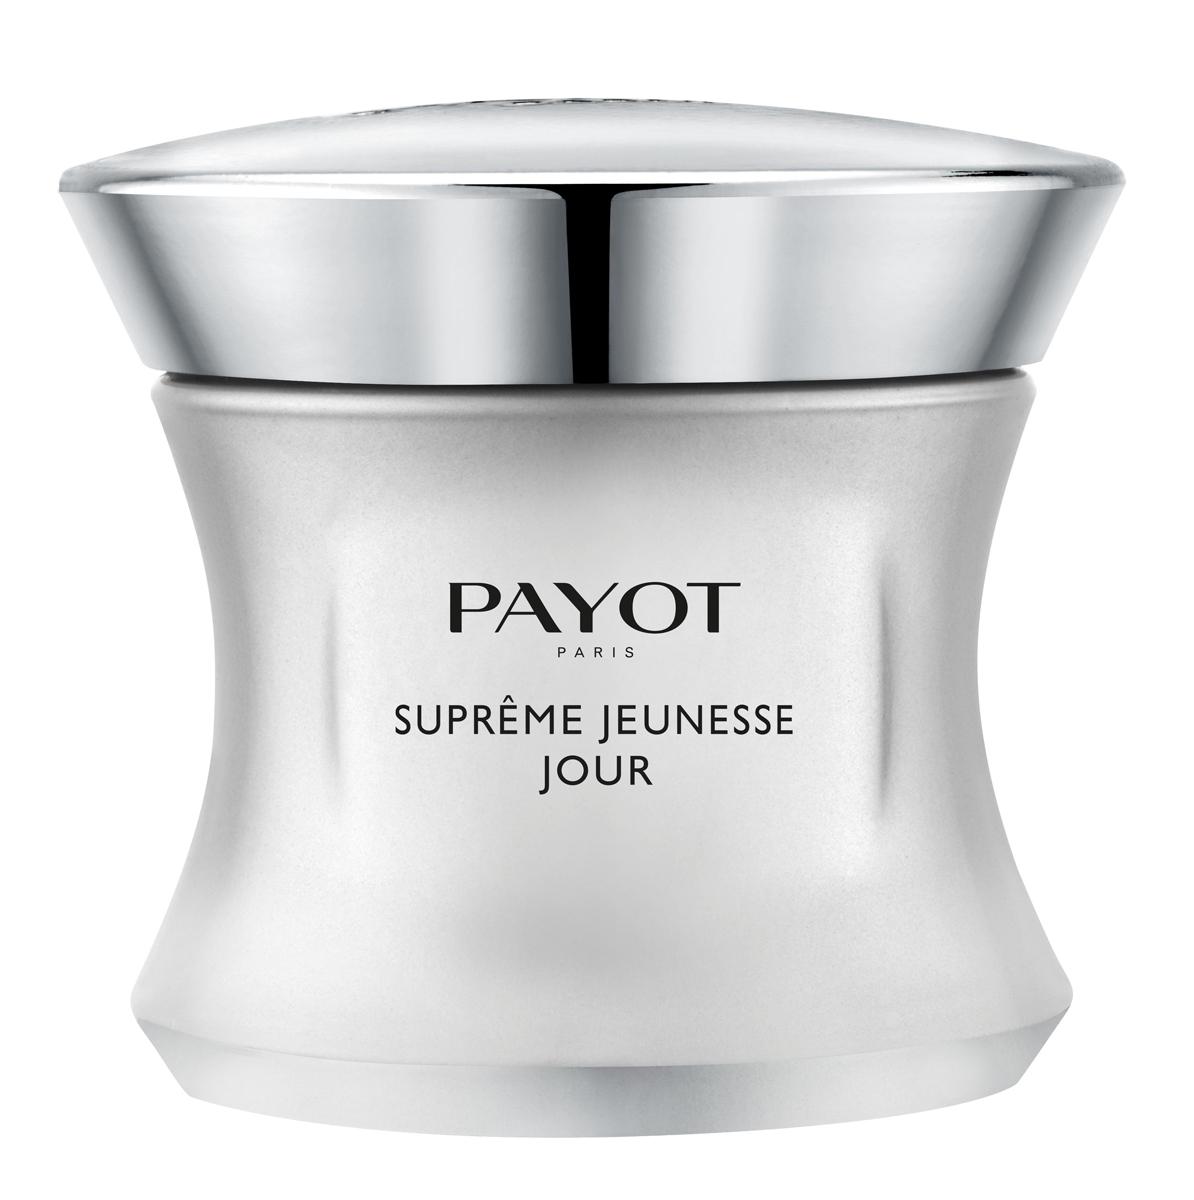 Payot Supreme Jeunesse Дневной крем с непревзойденным омолаживающим эффектом, 50 мл payot укрепляющее и подтягивающее средство perform lift для лица 50 мл